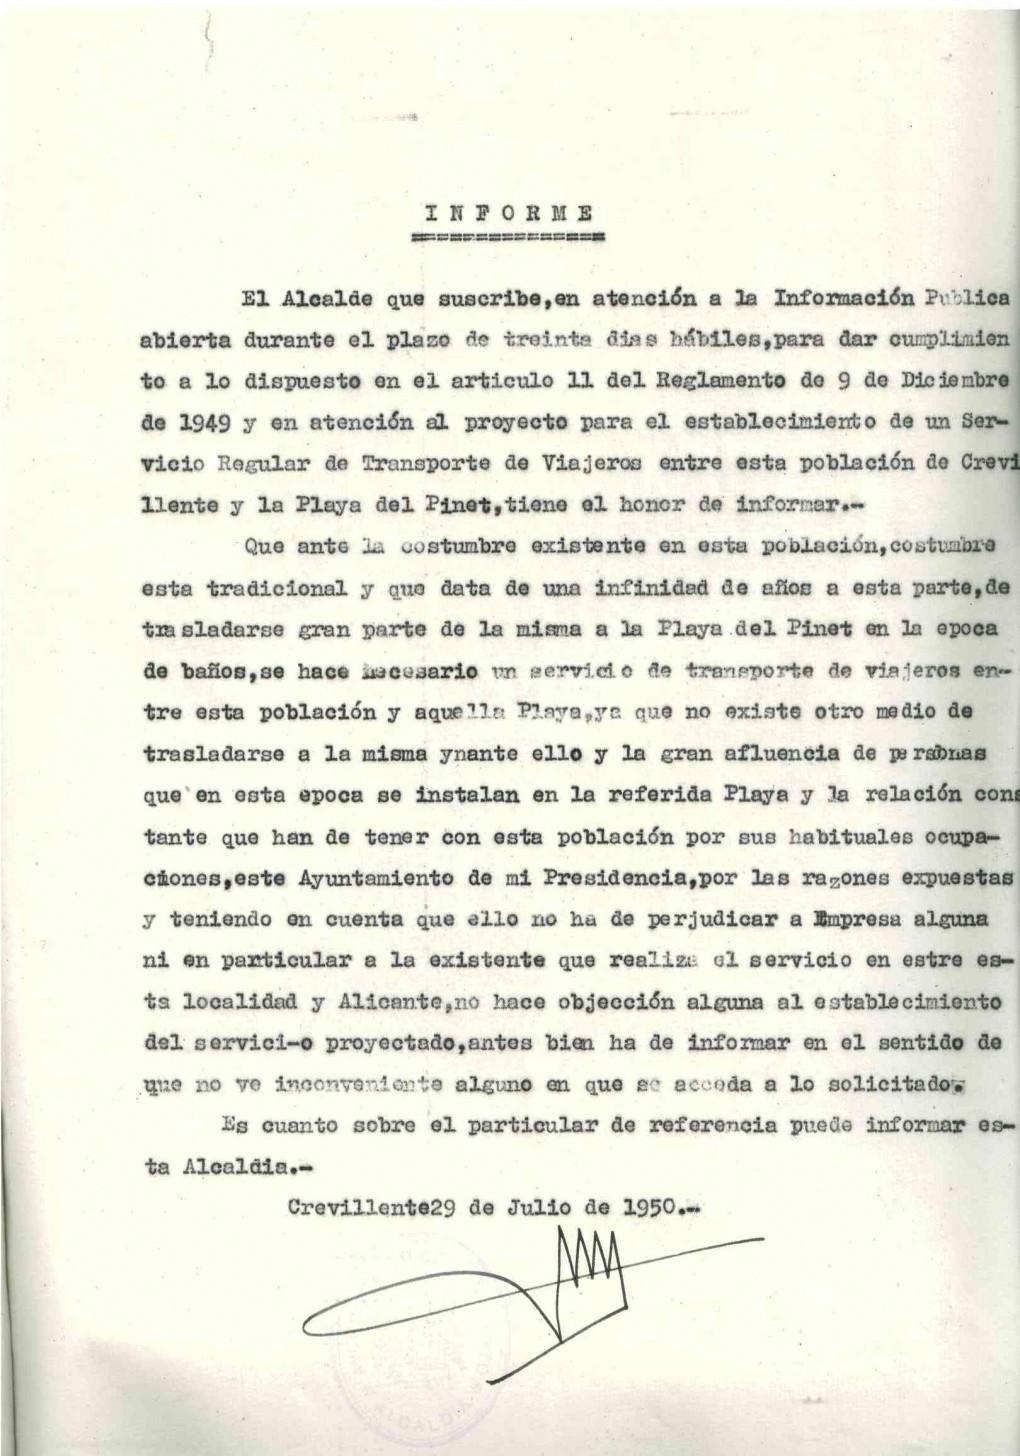 """El expediente de contratación del servicio de transporte entre Crevillent y la playa del Pinet de 1950 es el documento destacado del mes de julio del Archivo Municipal """"Clara Campoamor"""""""